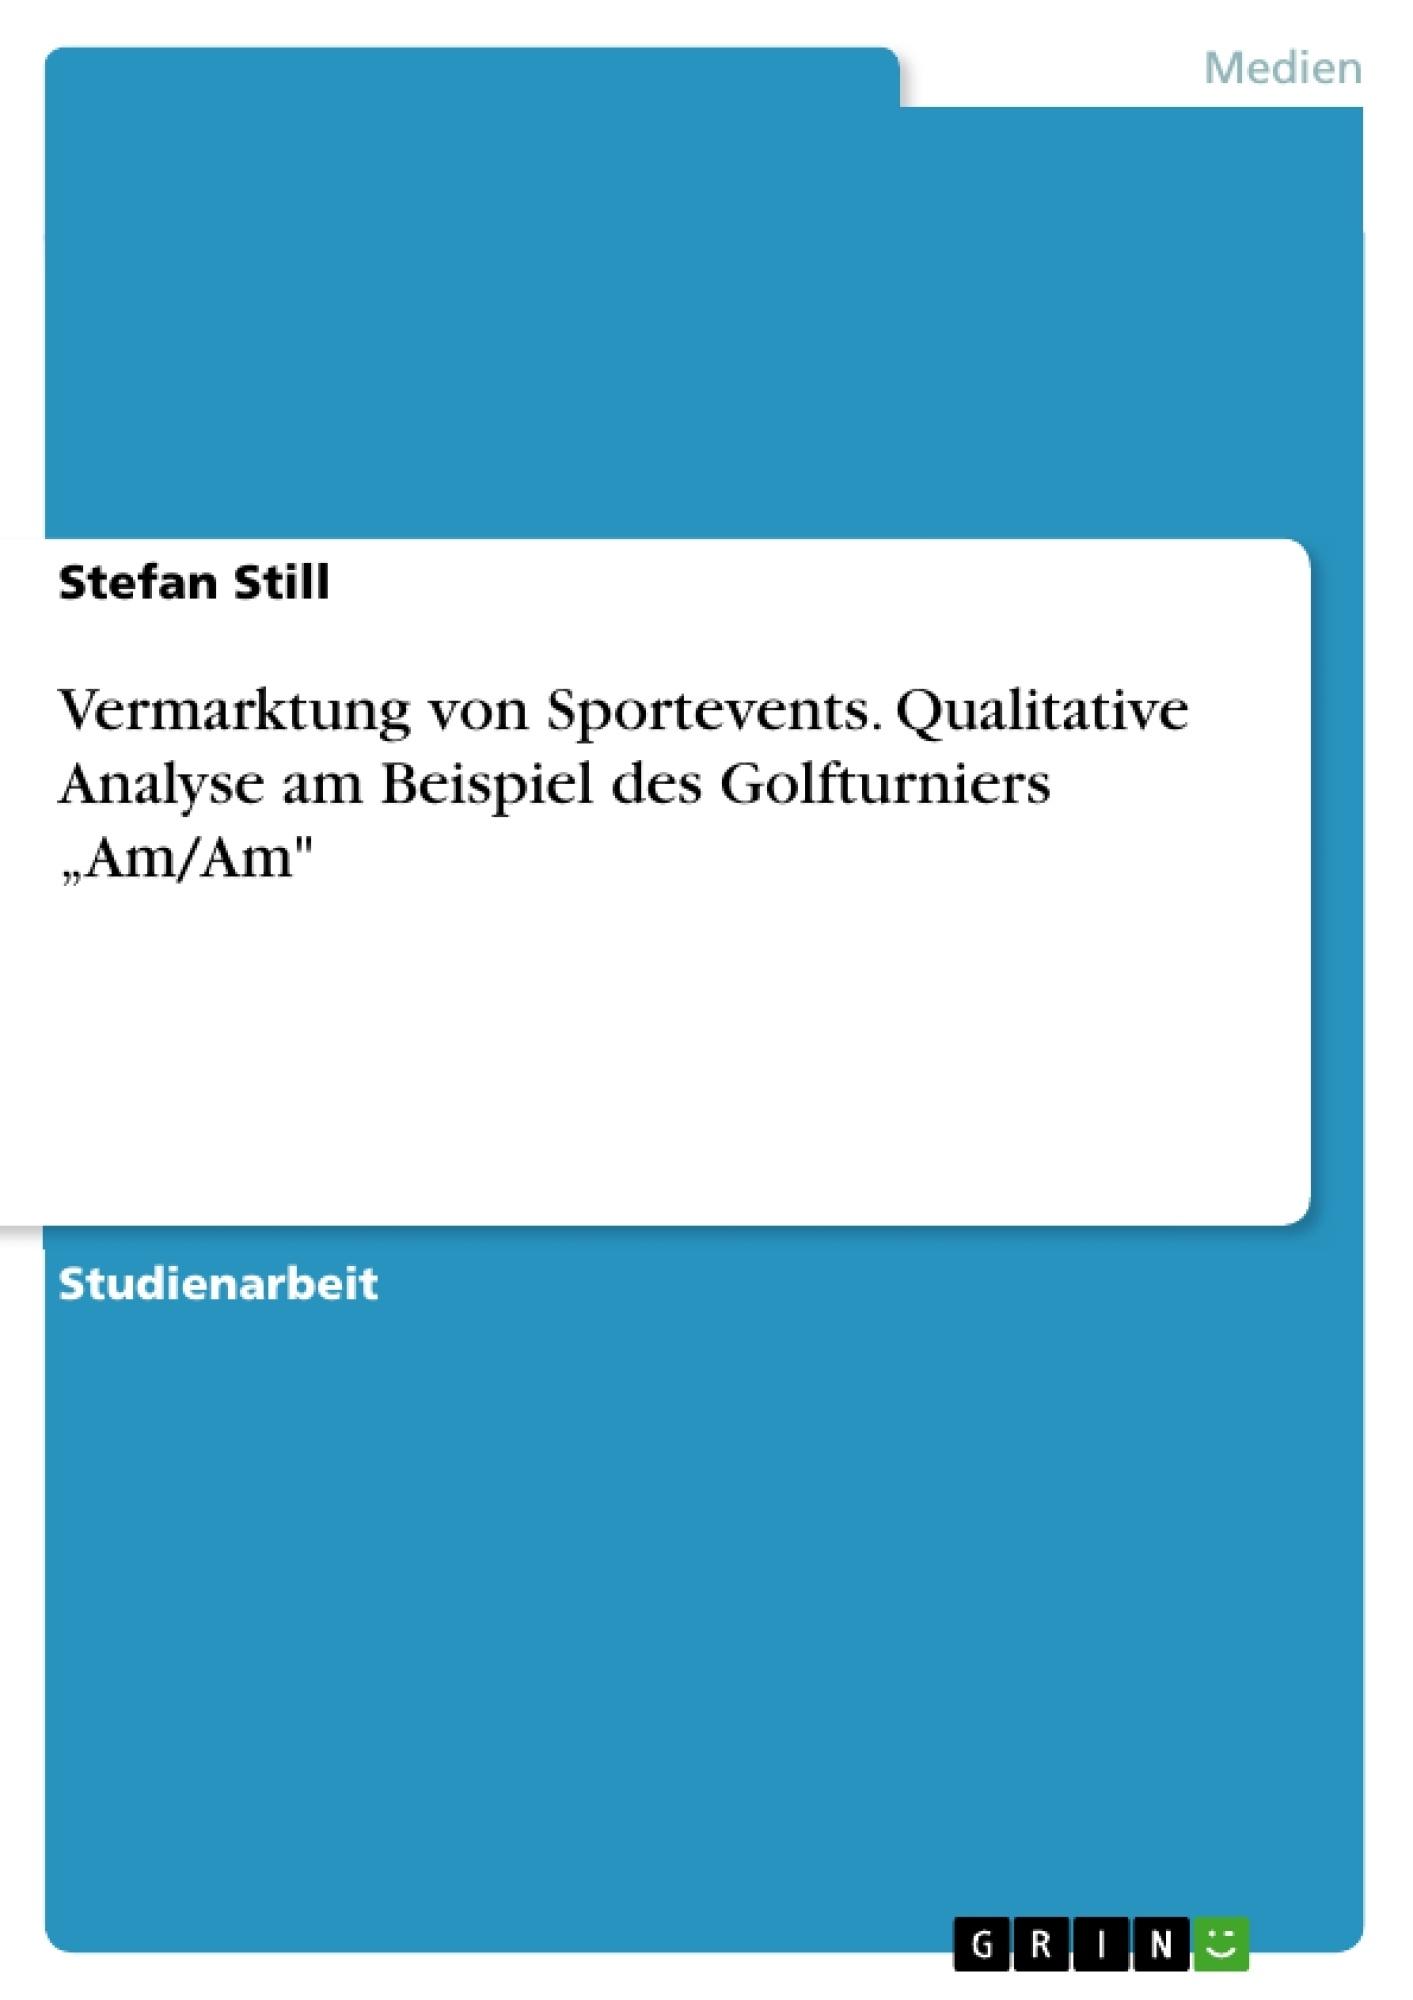 Vermarktung von Sportevents. Qualitative Analyse am Beispiel des Golfturniers Am/Am (German Edition)